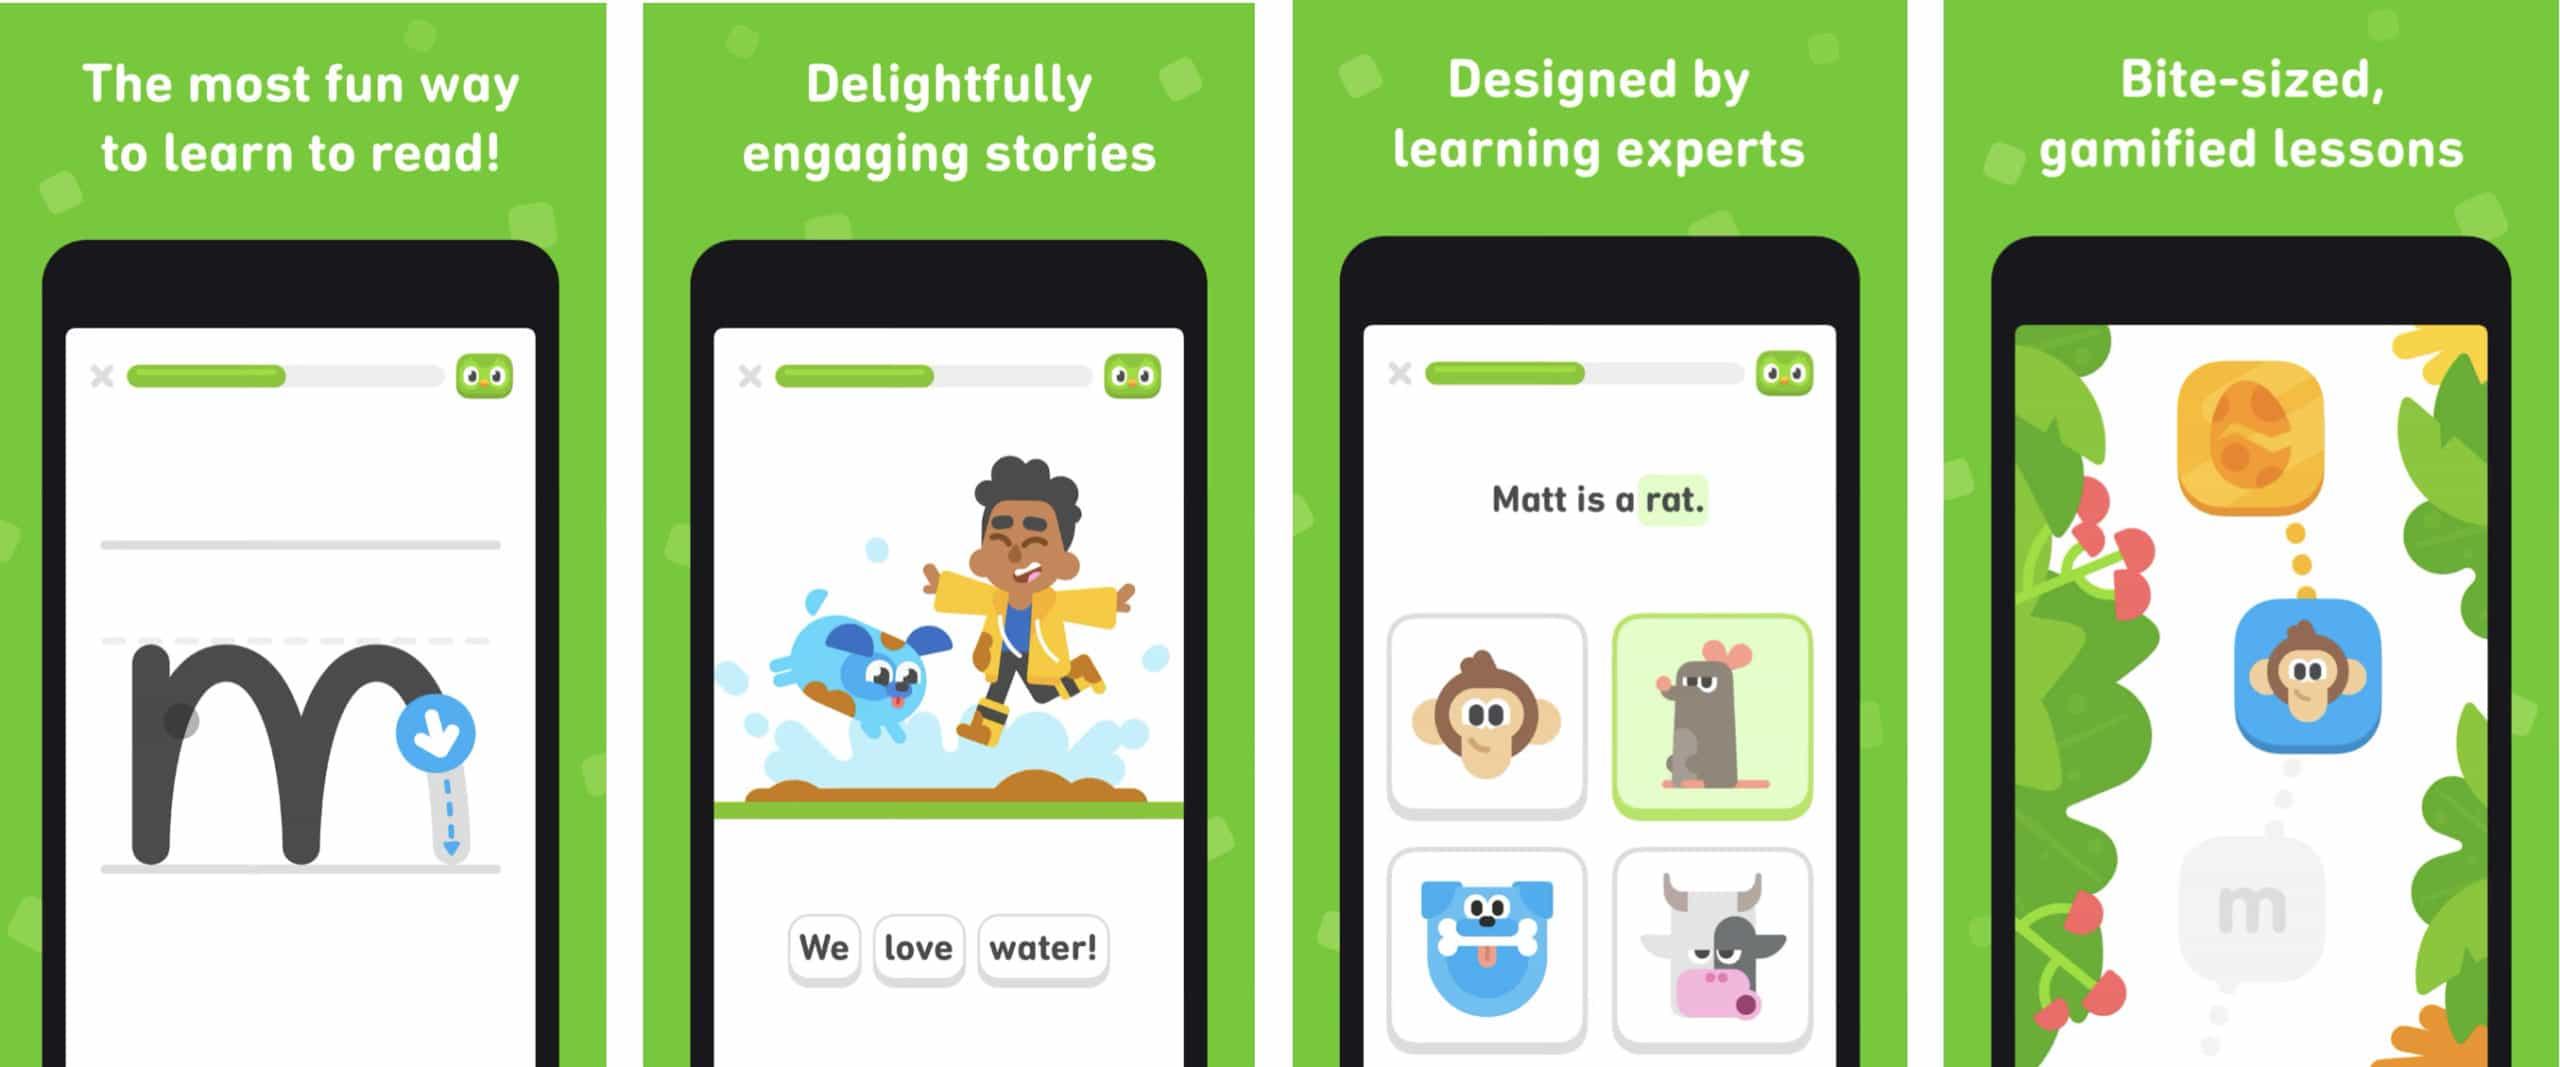 Duolingo-ABC-screens